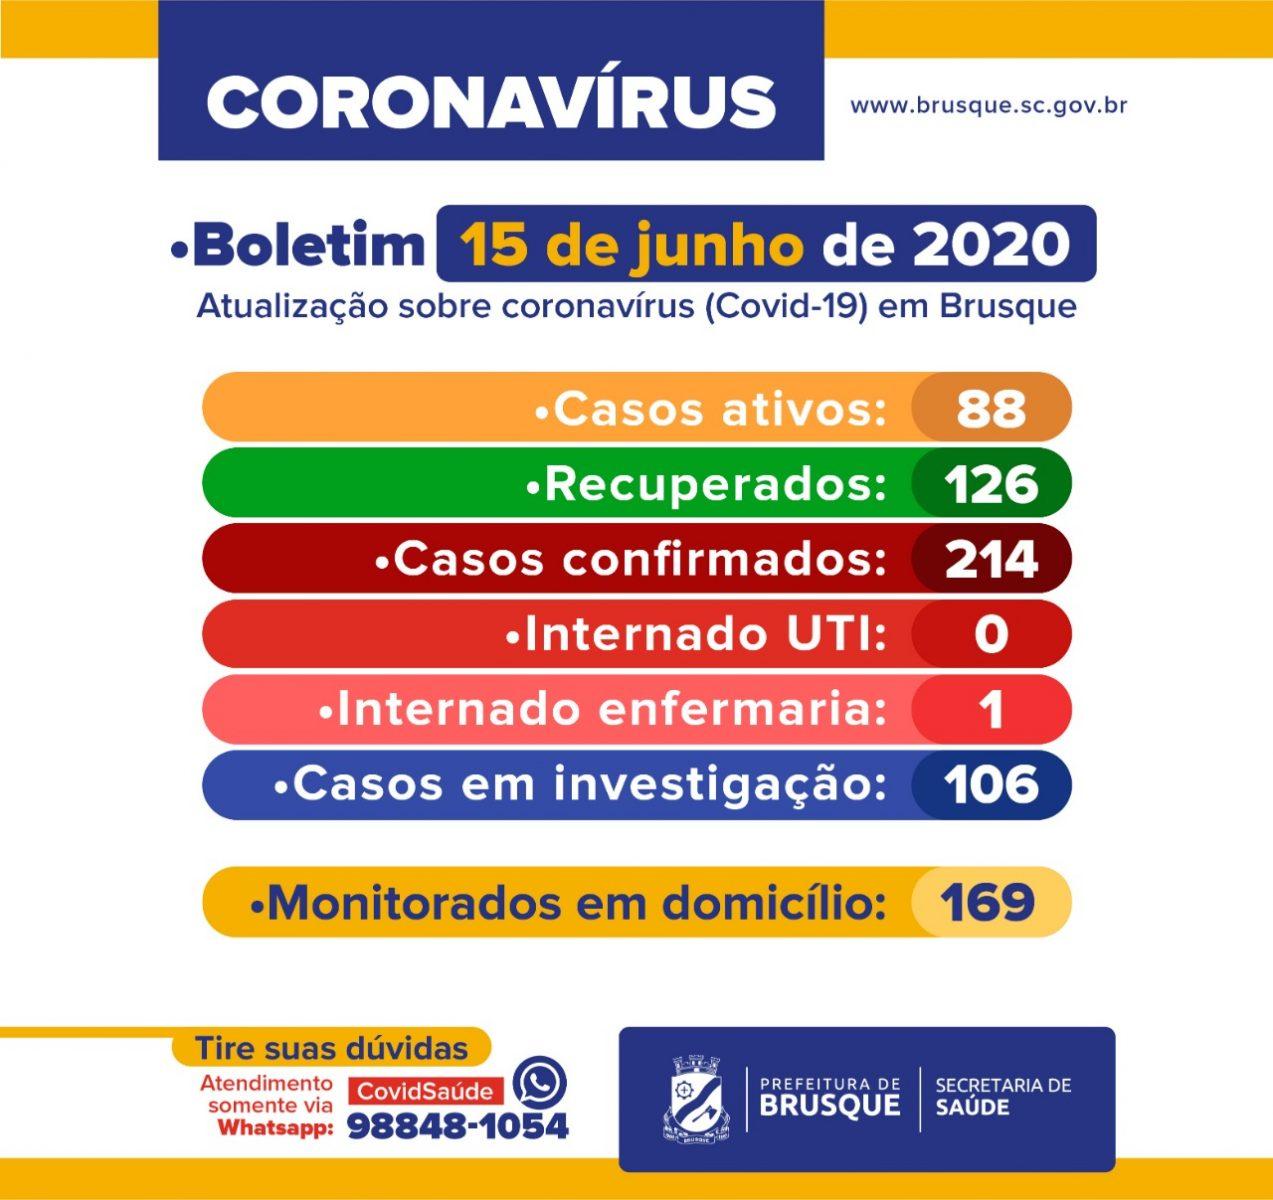 Sobe para 214 o número de casos confirmados de Covid-19 em Brusque